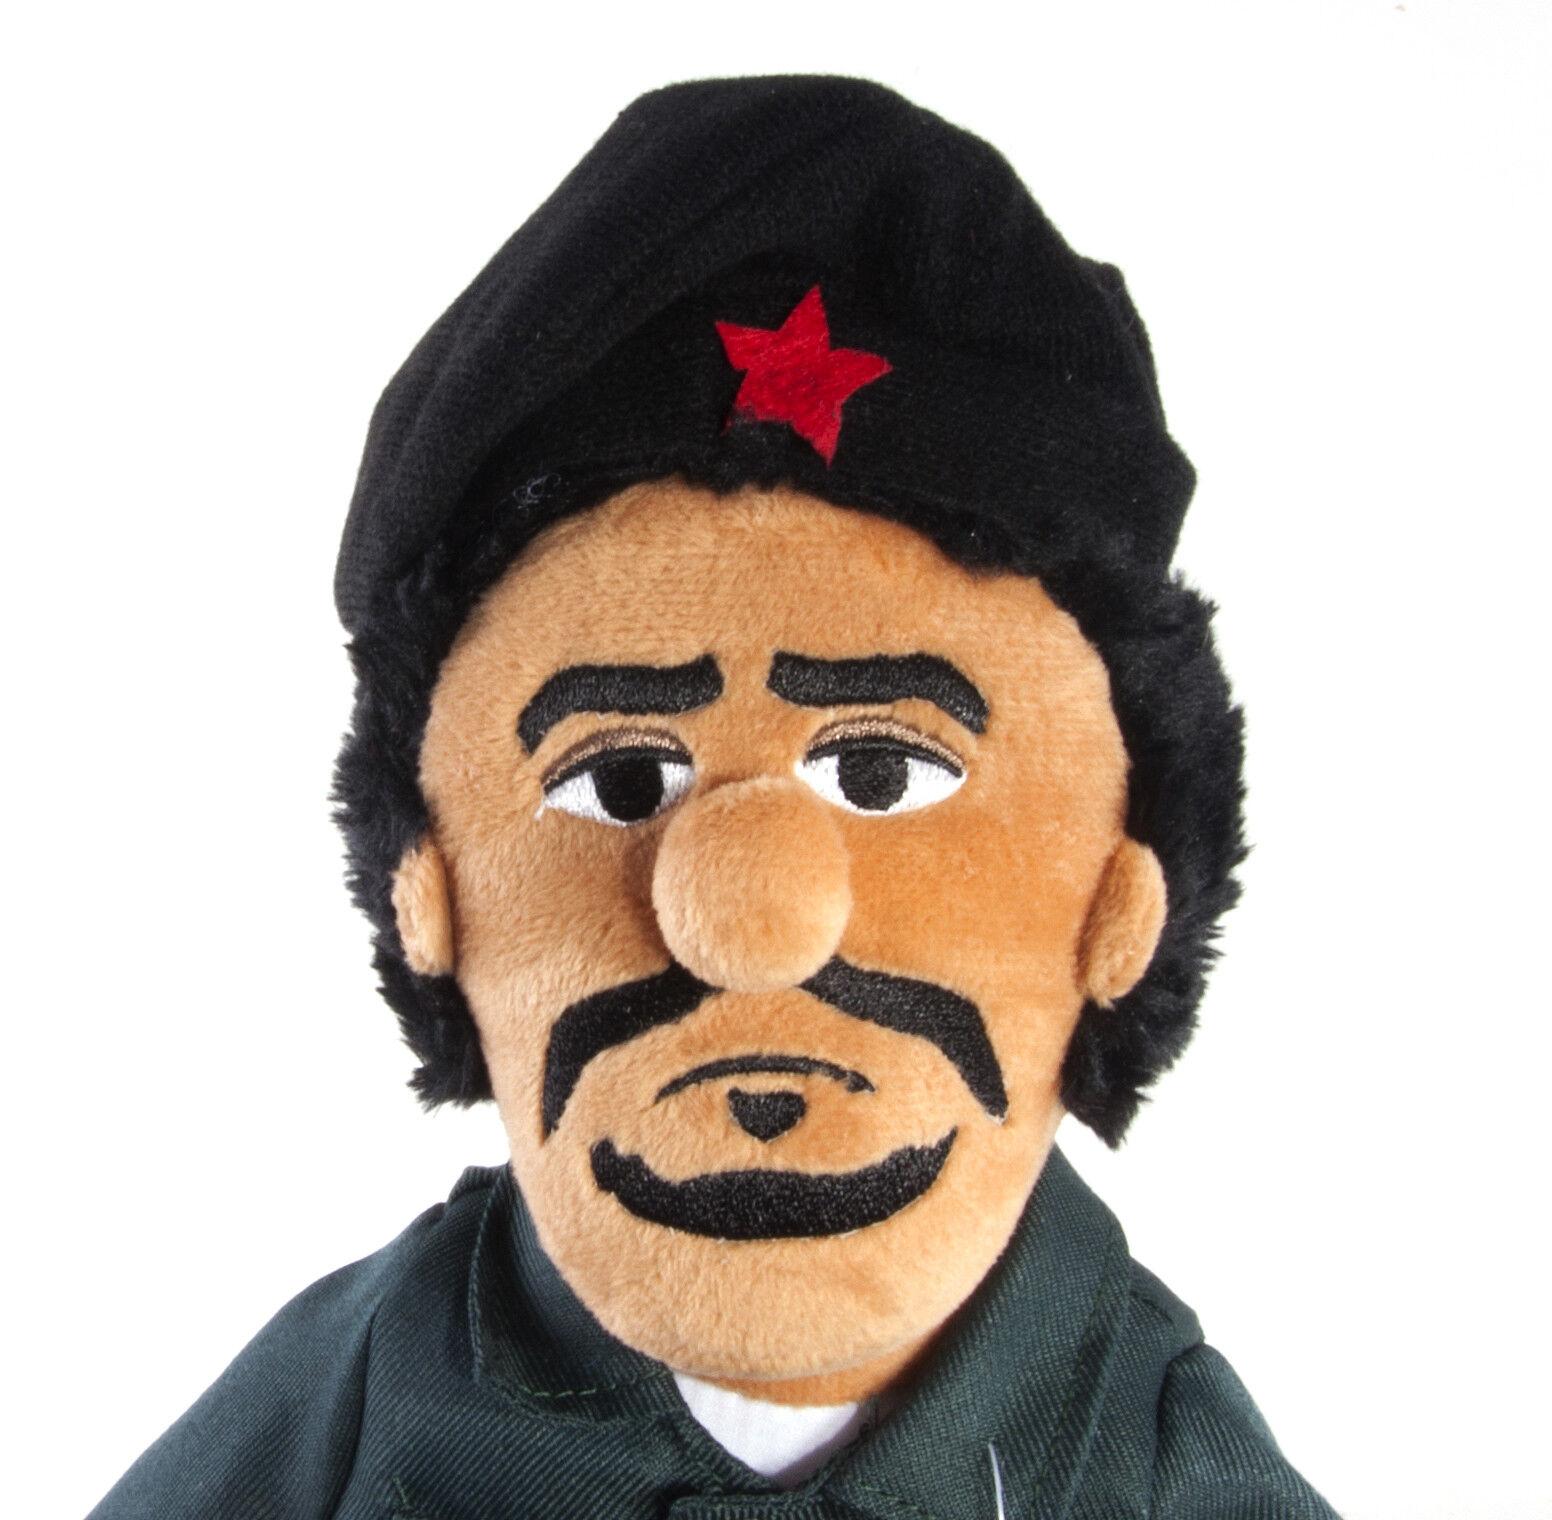 Che Guevara Juguete Peluche - Muñeca Little Thinkers